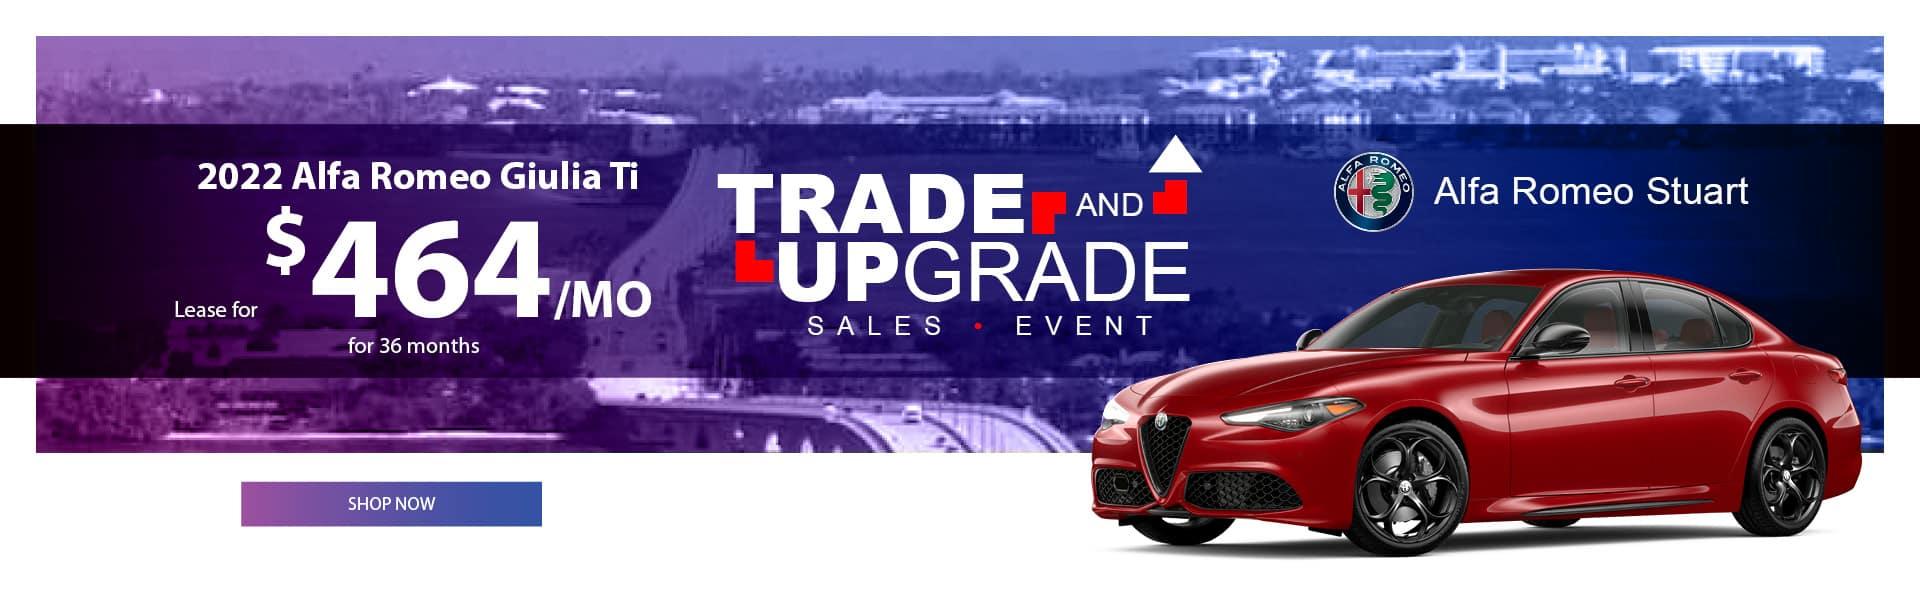 AlfaRomeo_TradeandUpgrade_WB_Sept21_24419 (3)